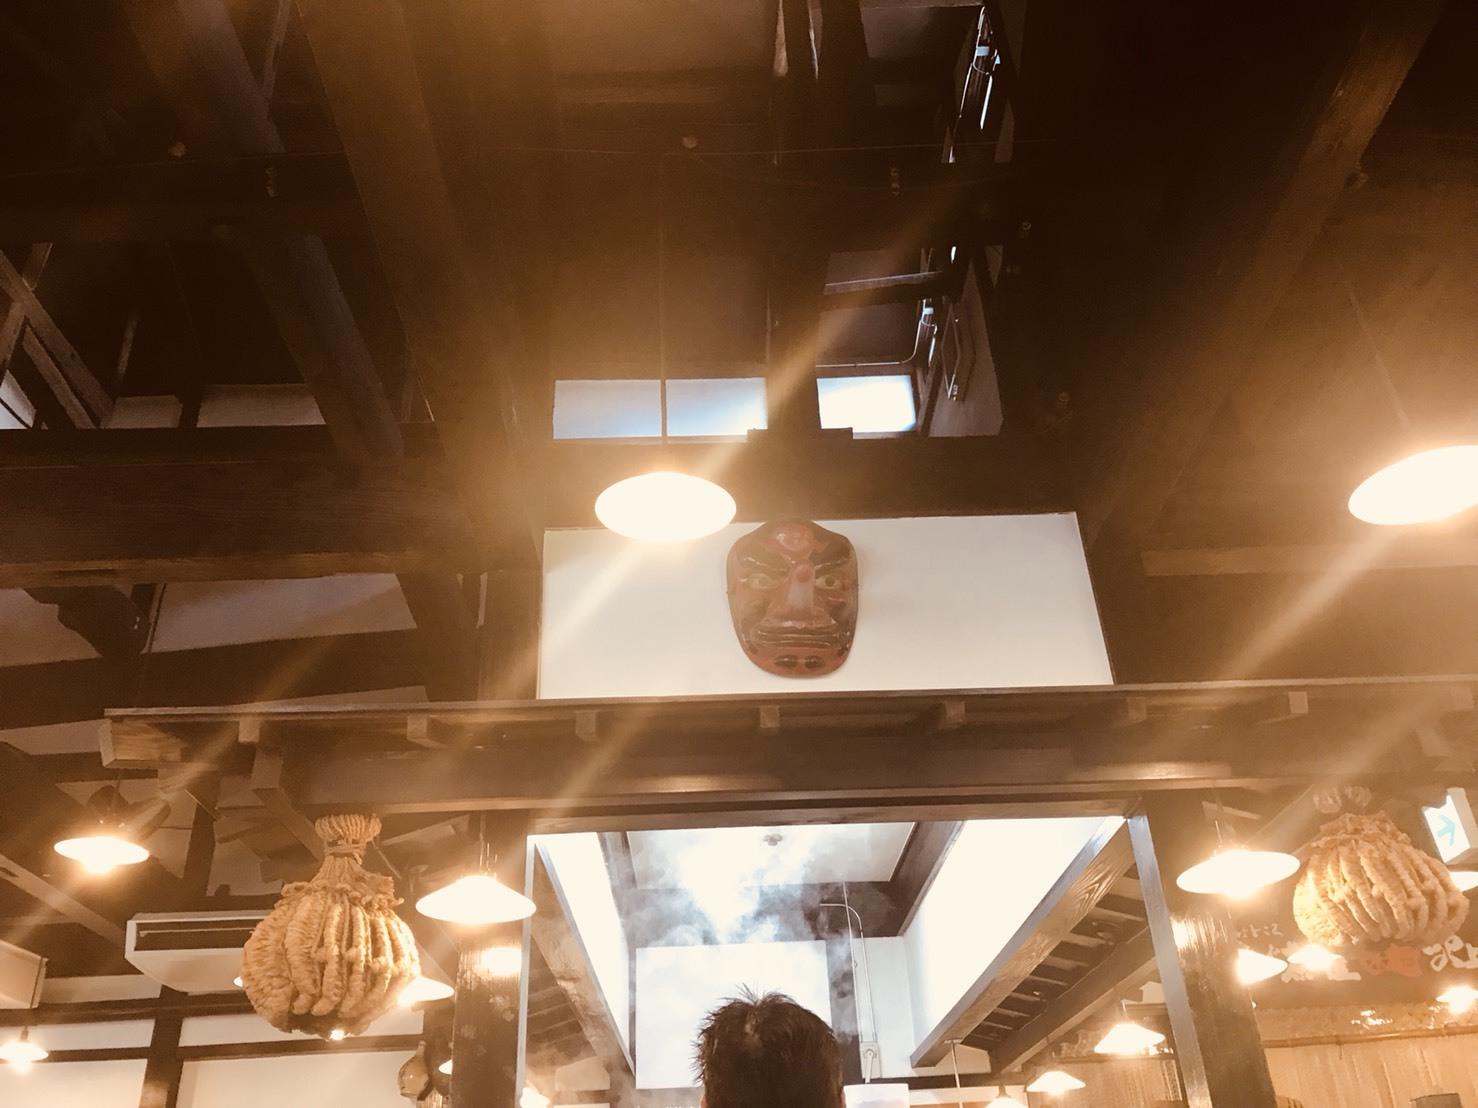 トミー本店♪久しぶりのグッチーブログ☆S様ウイッシュご成約!!トミーレンタカー☆自社ローン☆_b0127002_16545796.jpg